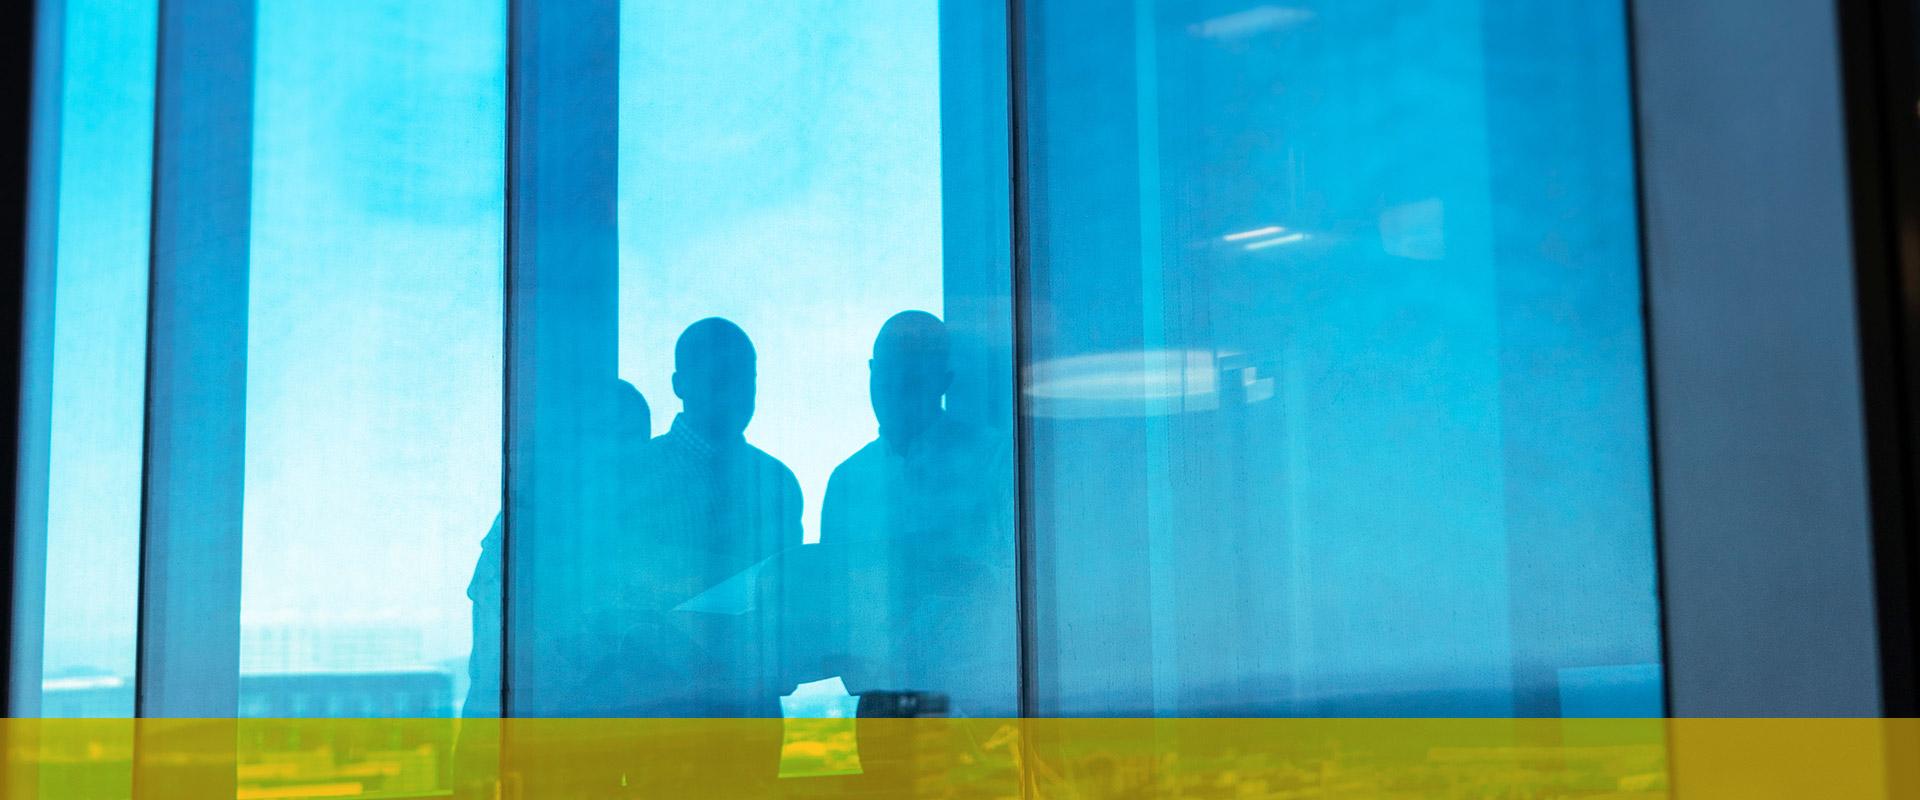 Fensterfolien UV-Schutz mit Dekor für Privatsphäre und Raumgestaltung